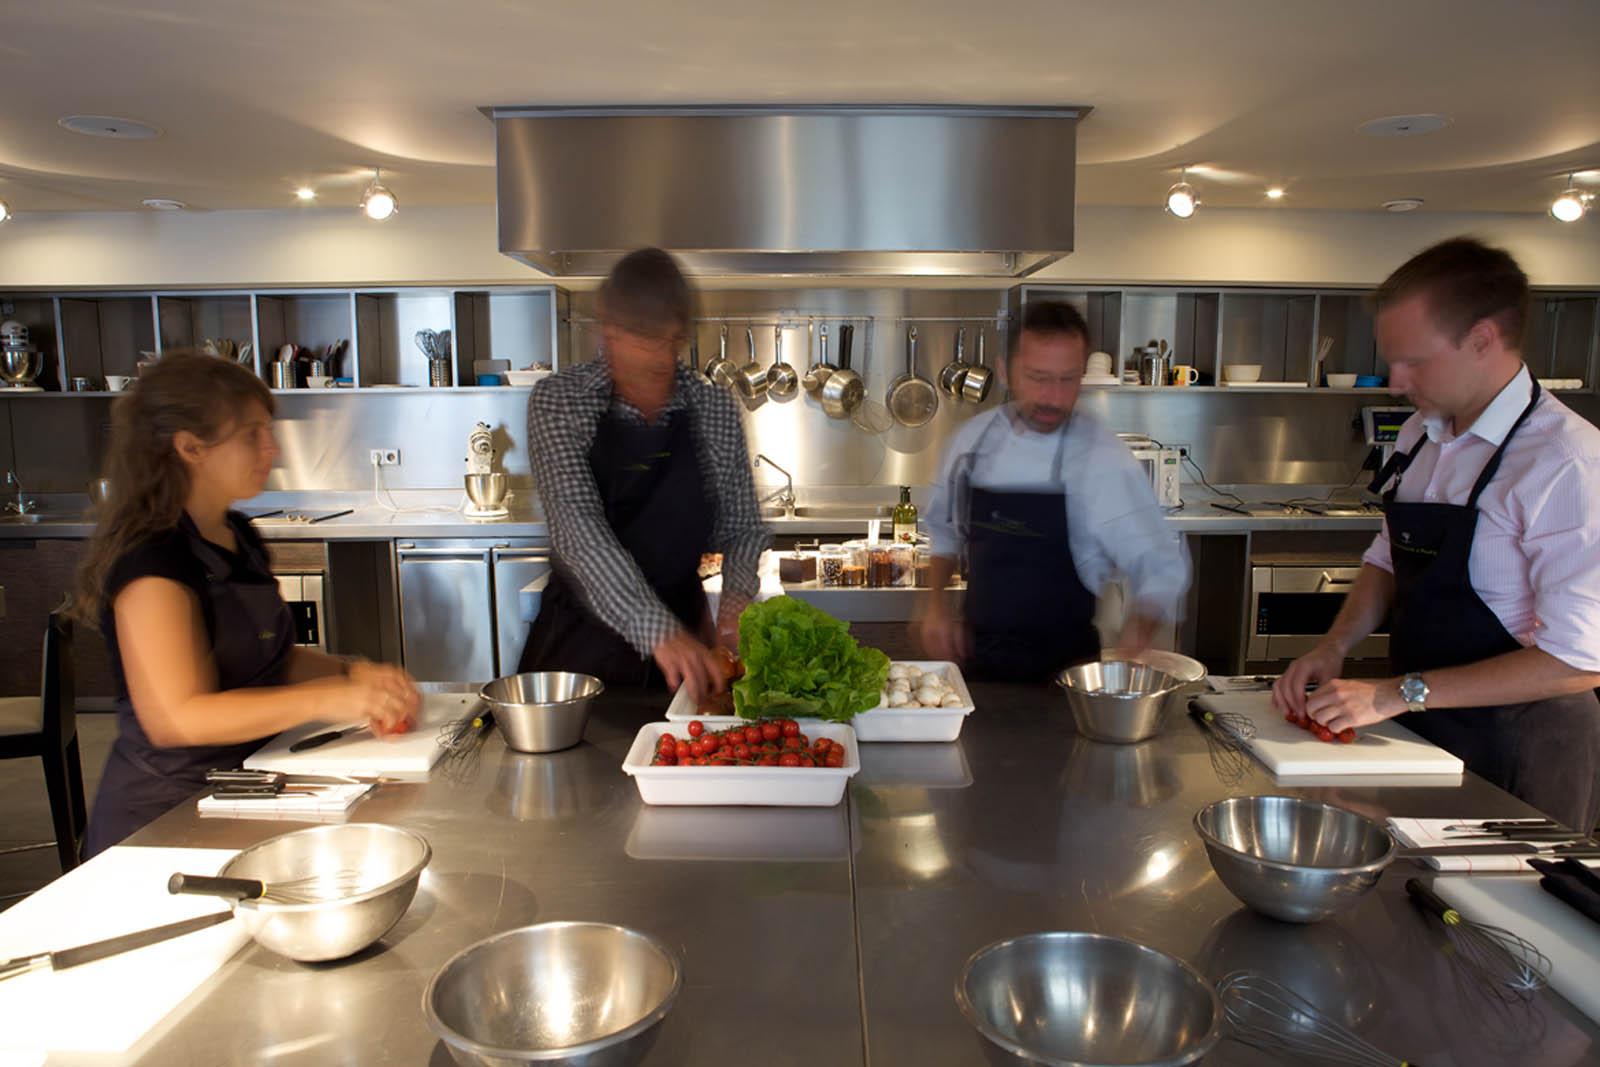 les ateliers de cuisine et patisserie